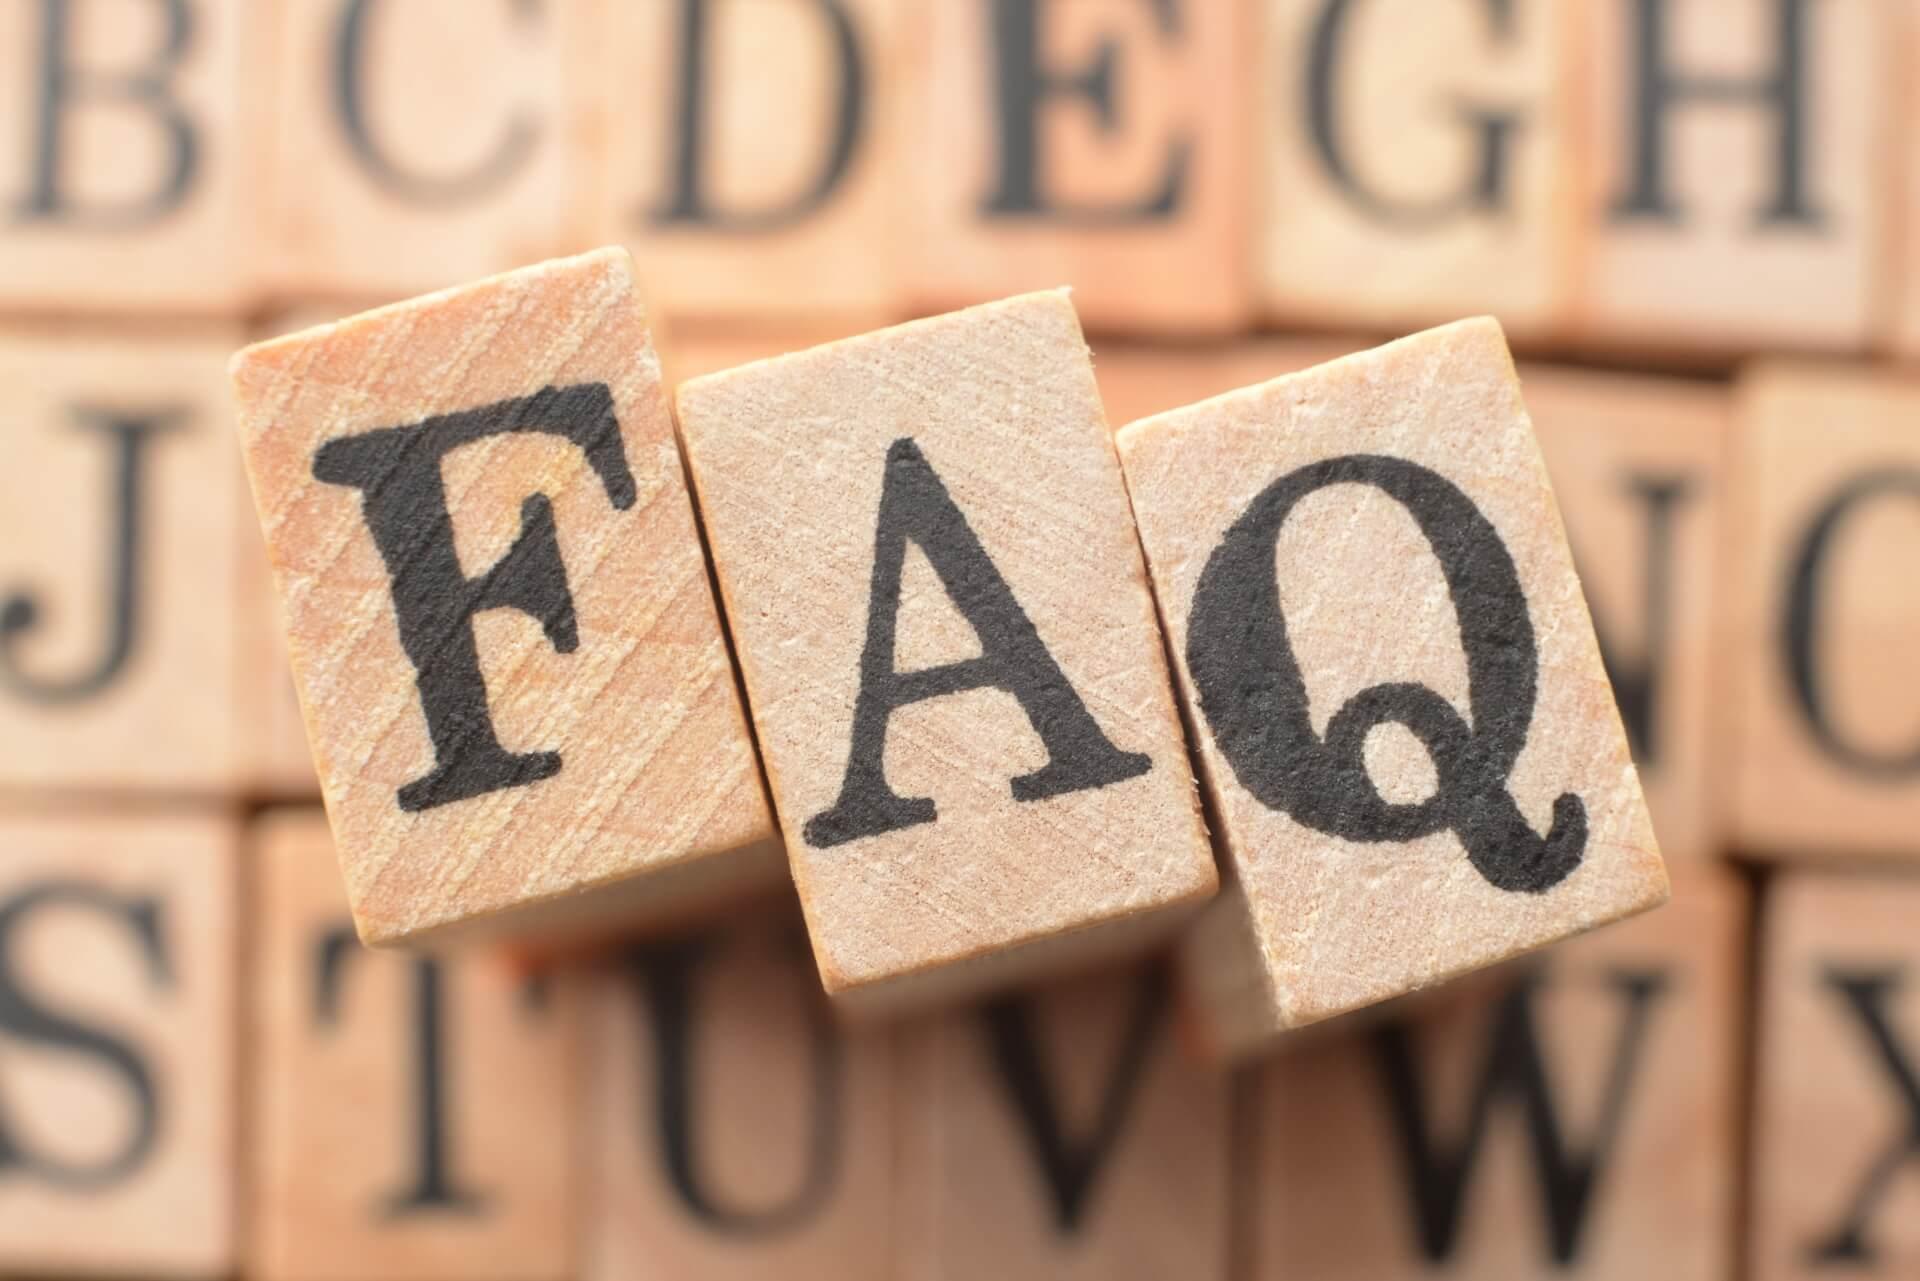 転職の面接試験で聞かれる、気になるニュースってどう答えればいいの?